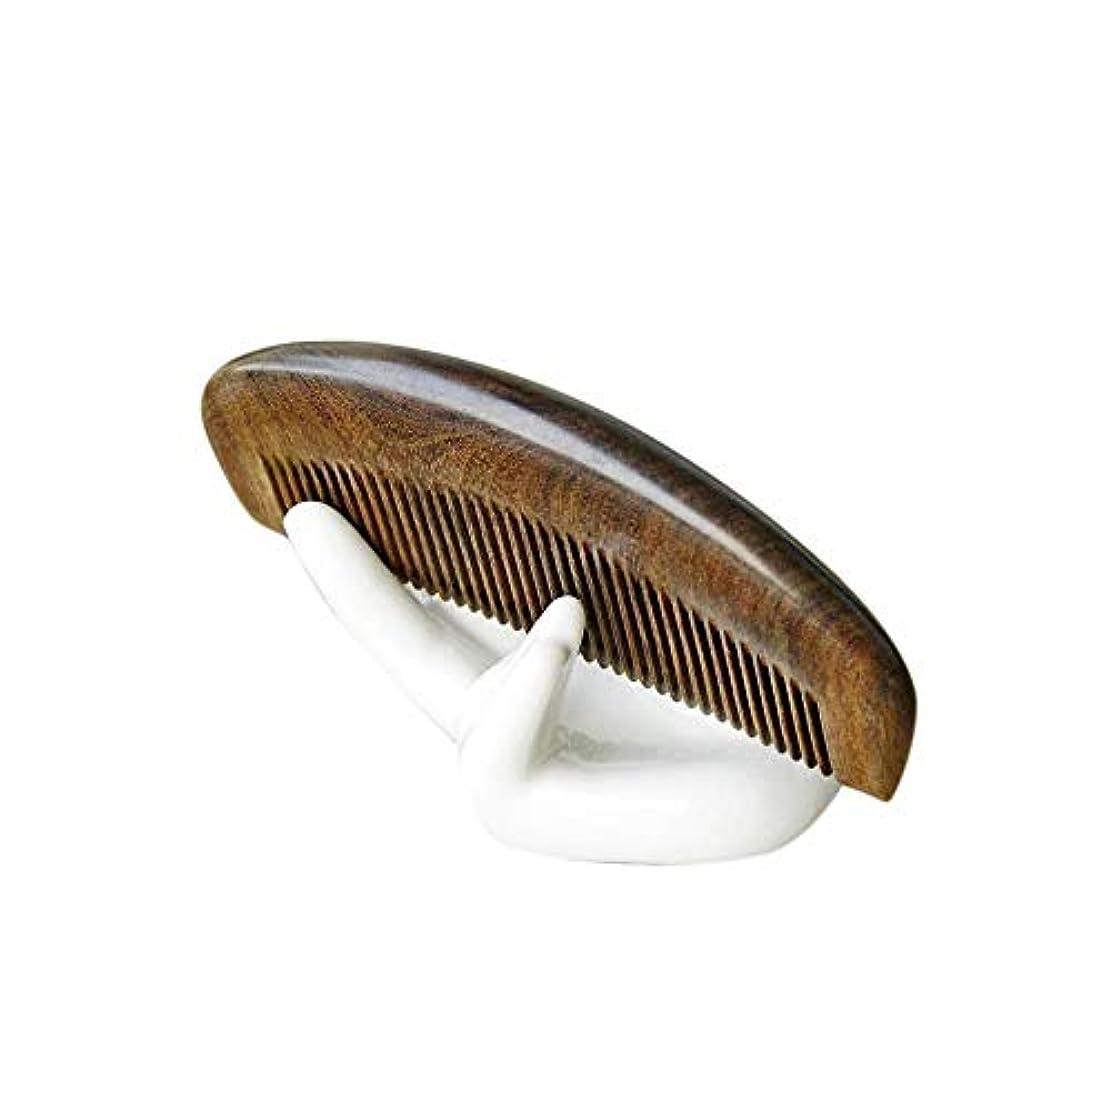 ピッチャー化学薬品投資するFashianナチュラルサンダルウッドコーム - 手作りの木製ハーフムーンの形ワイド歯カーリーヘアくし ヘアケア (色 : Photo color)